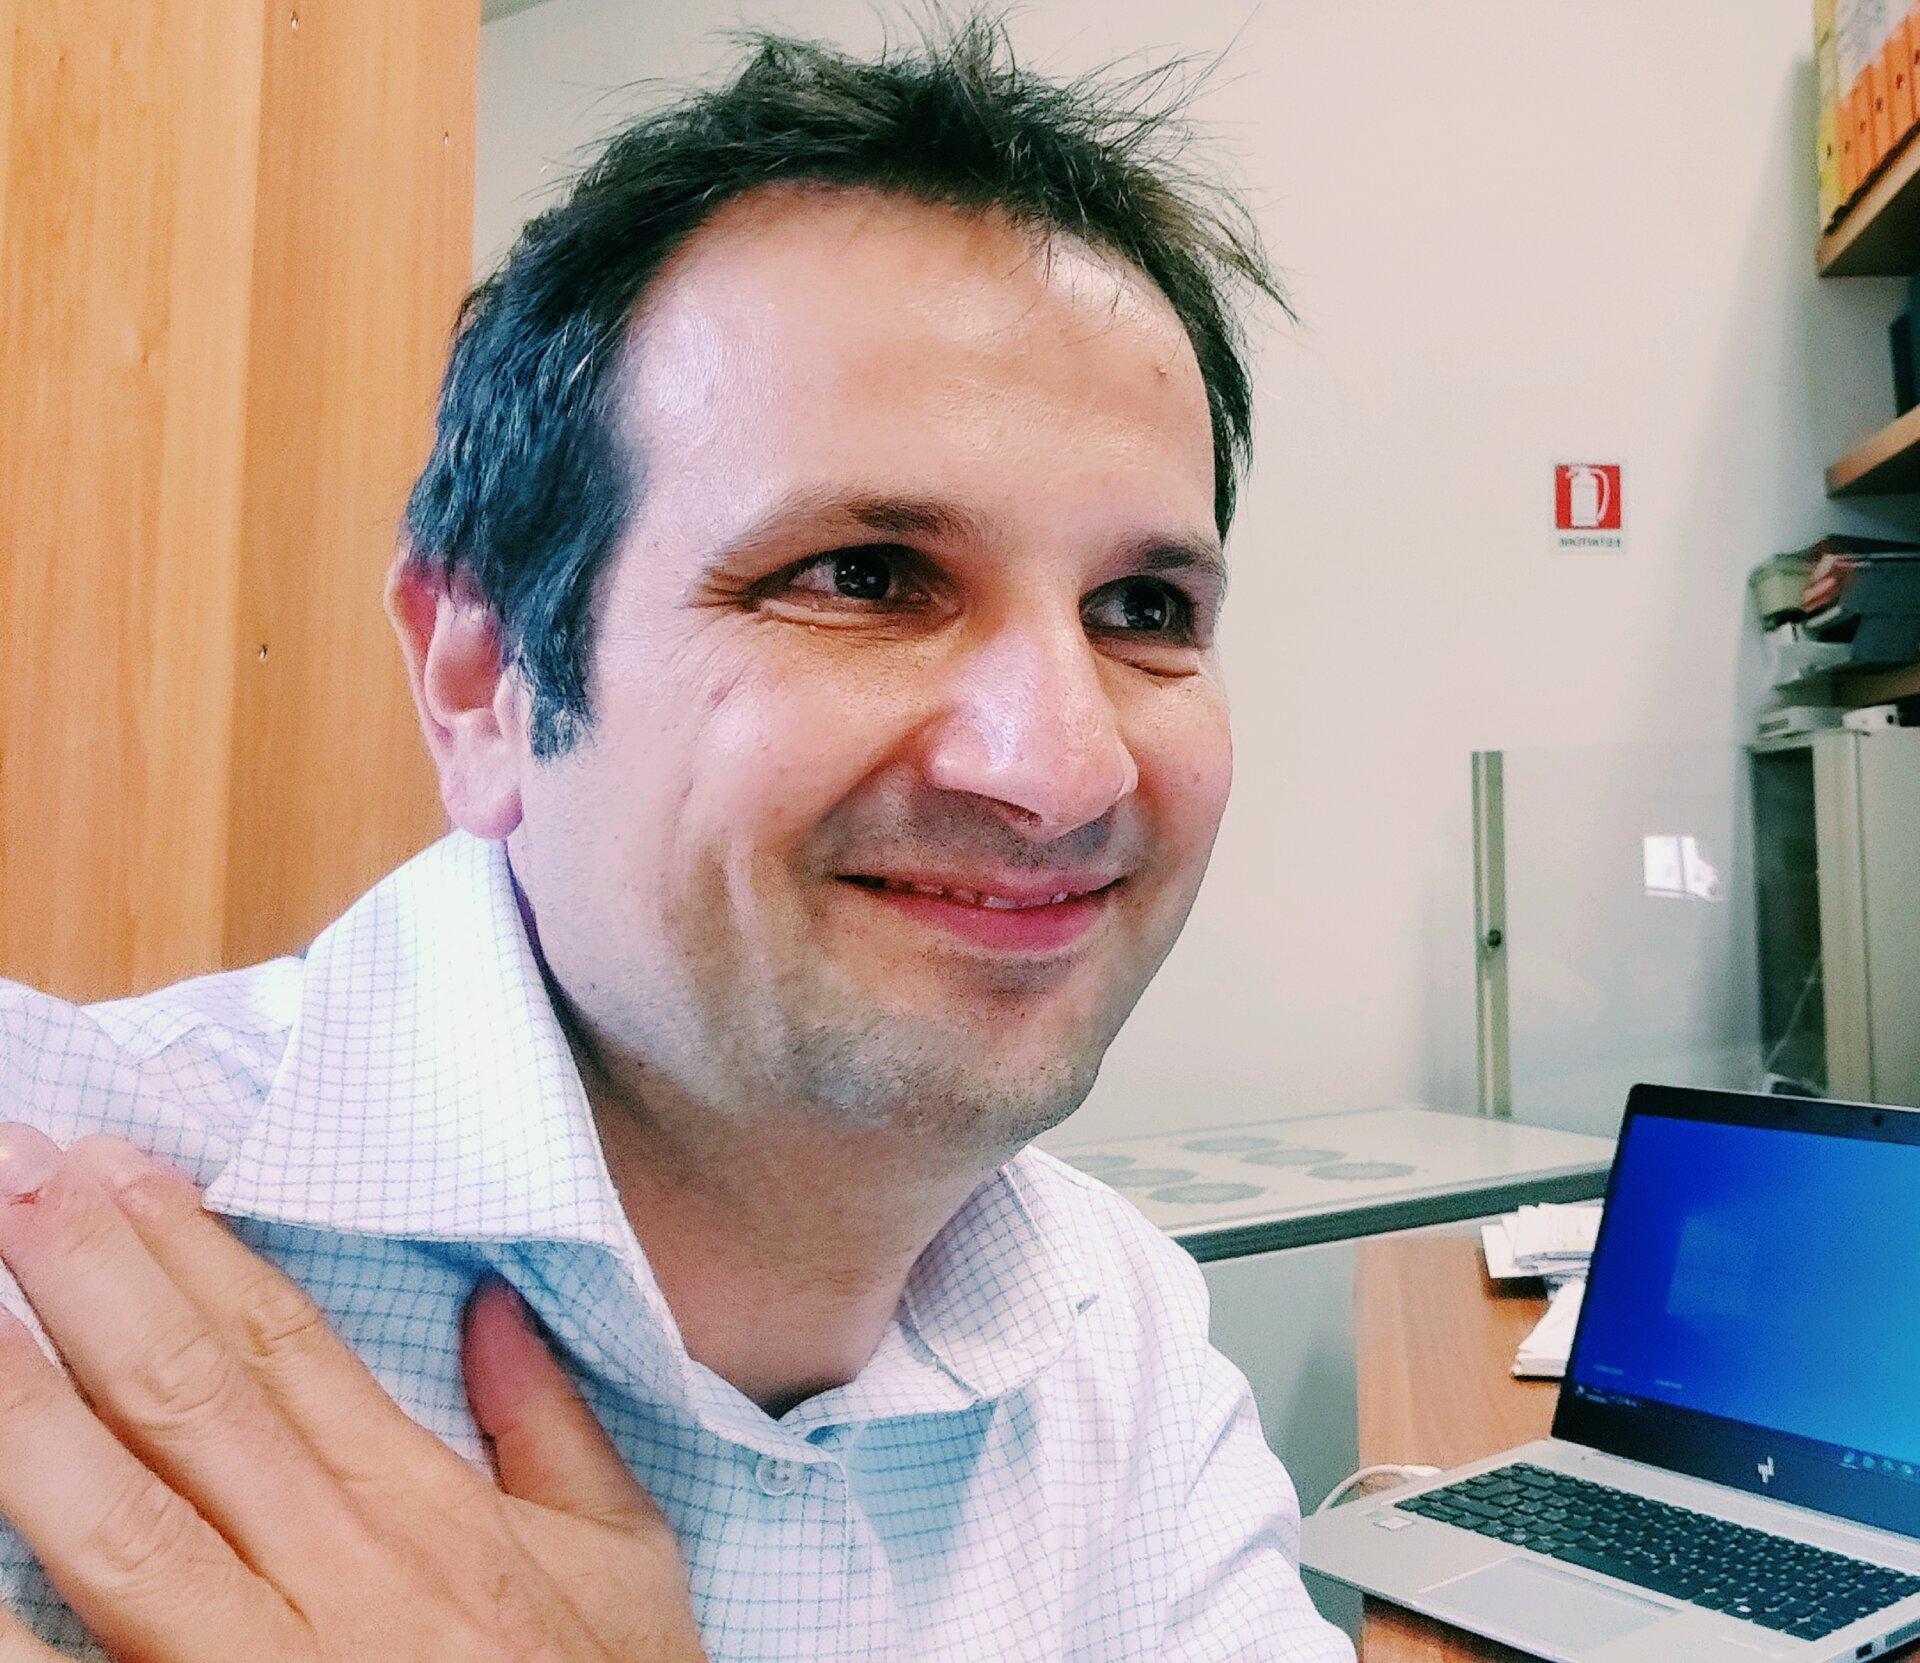 Livio Lamparelli, di Oggiono, direttore Risorse Umane